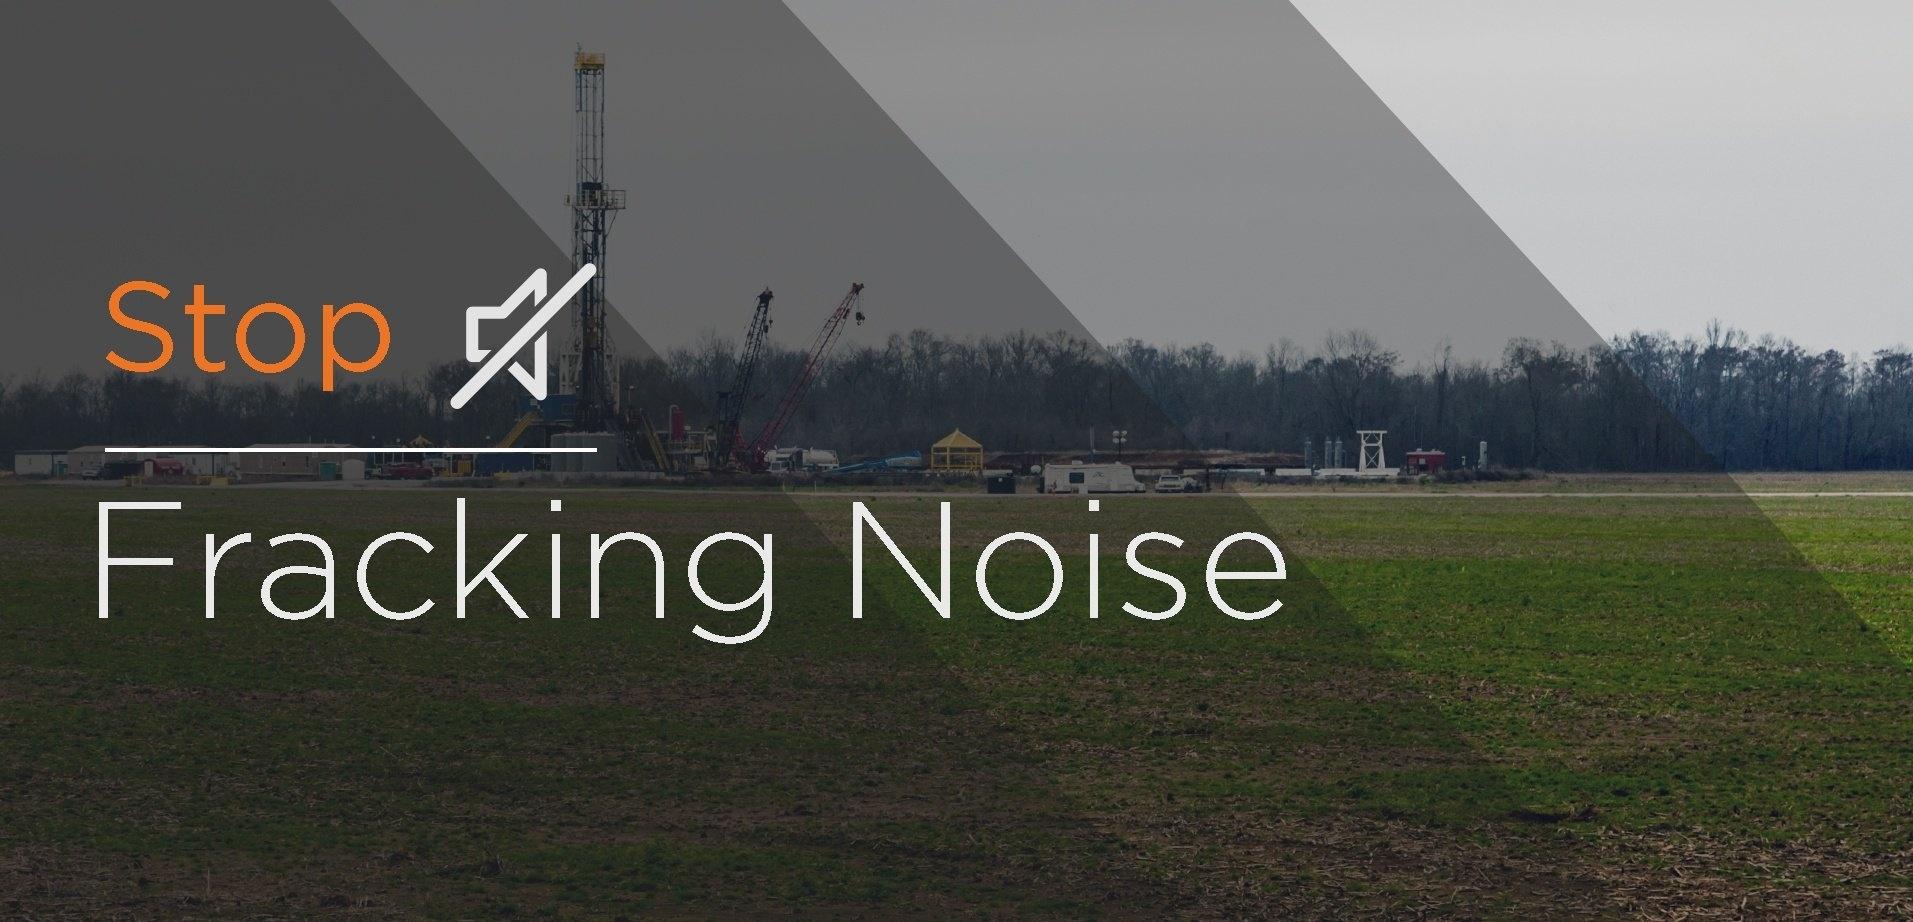 Stop Fracking Noise-3-857327-edited